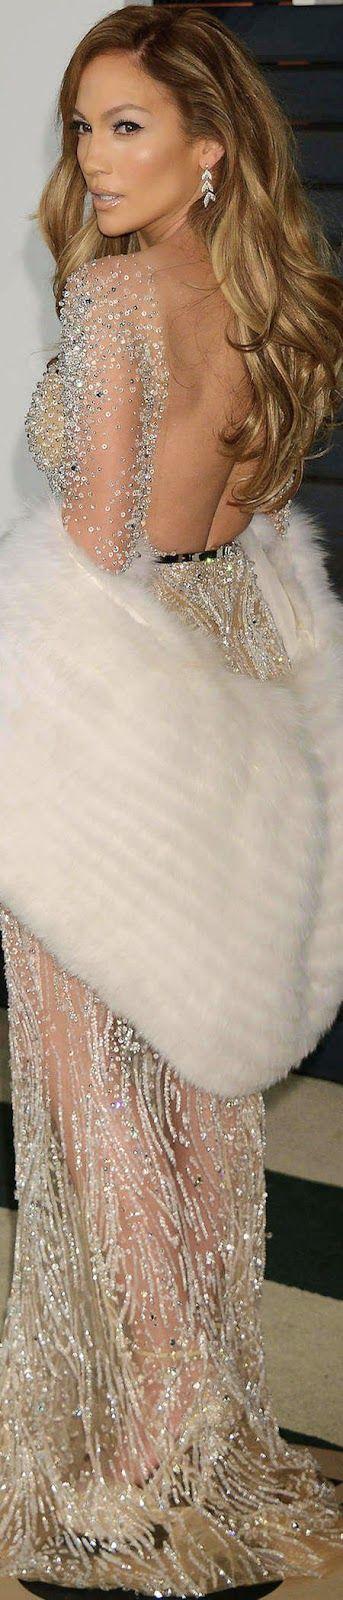 Jennifer Lopez in Zuhair Murad 2015 Vanity Fair Oscar Party